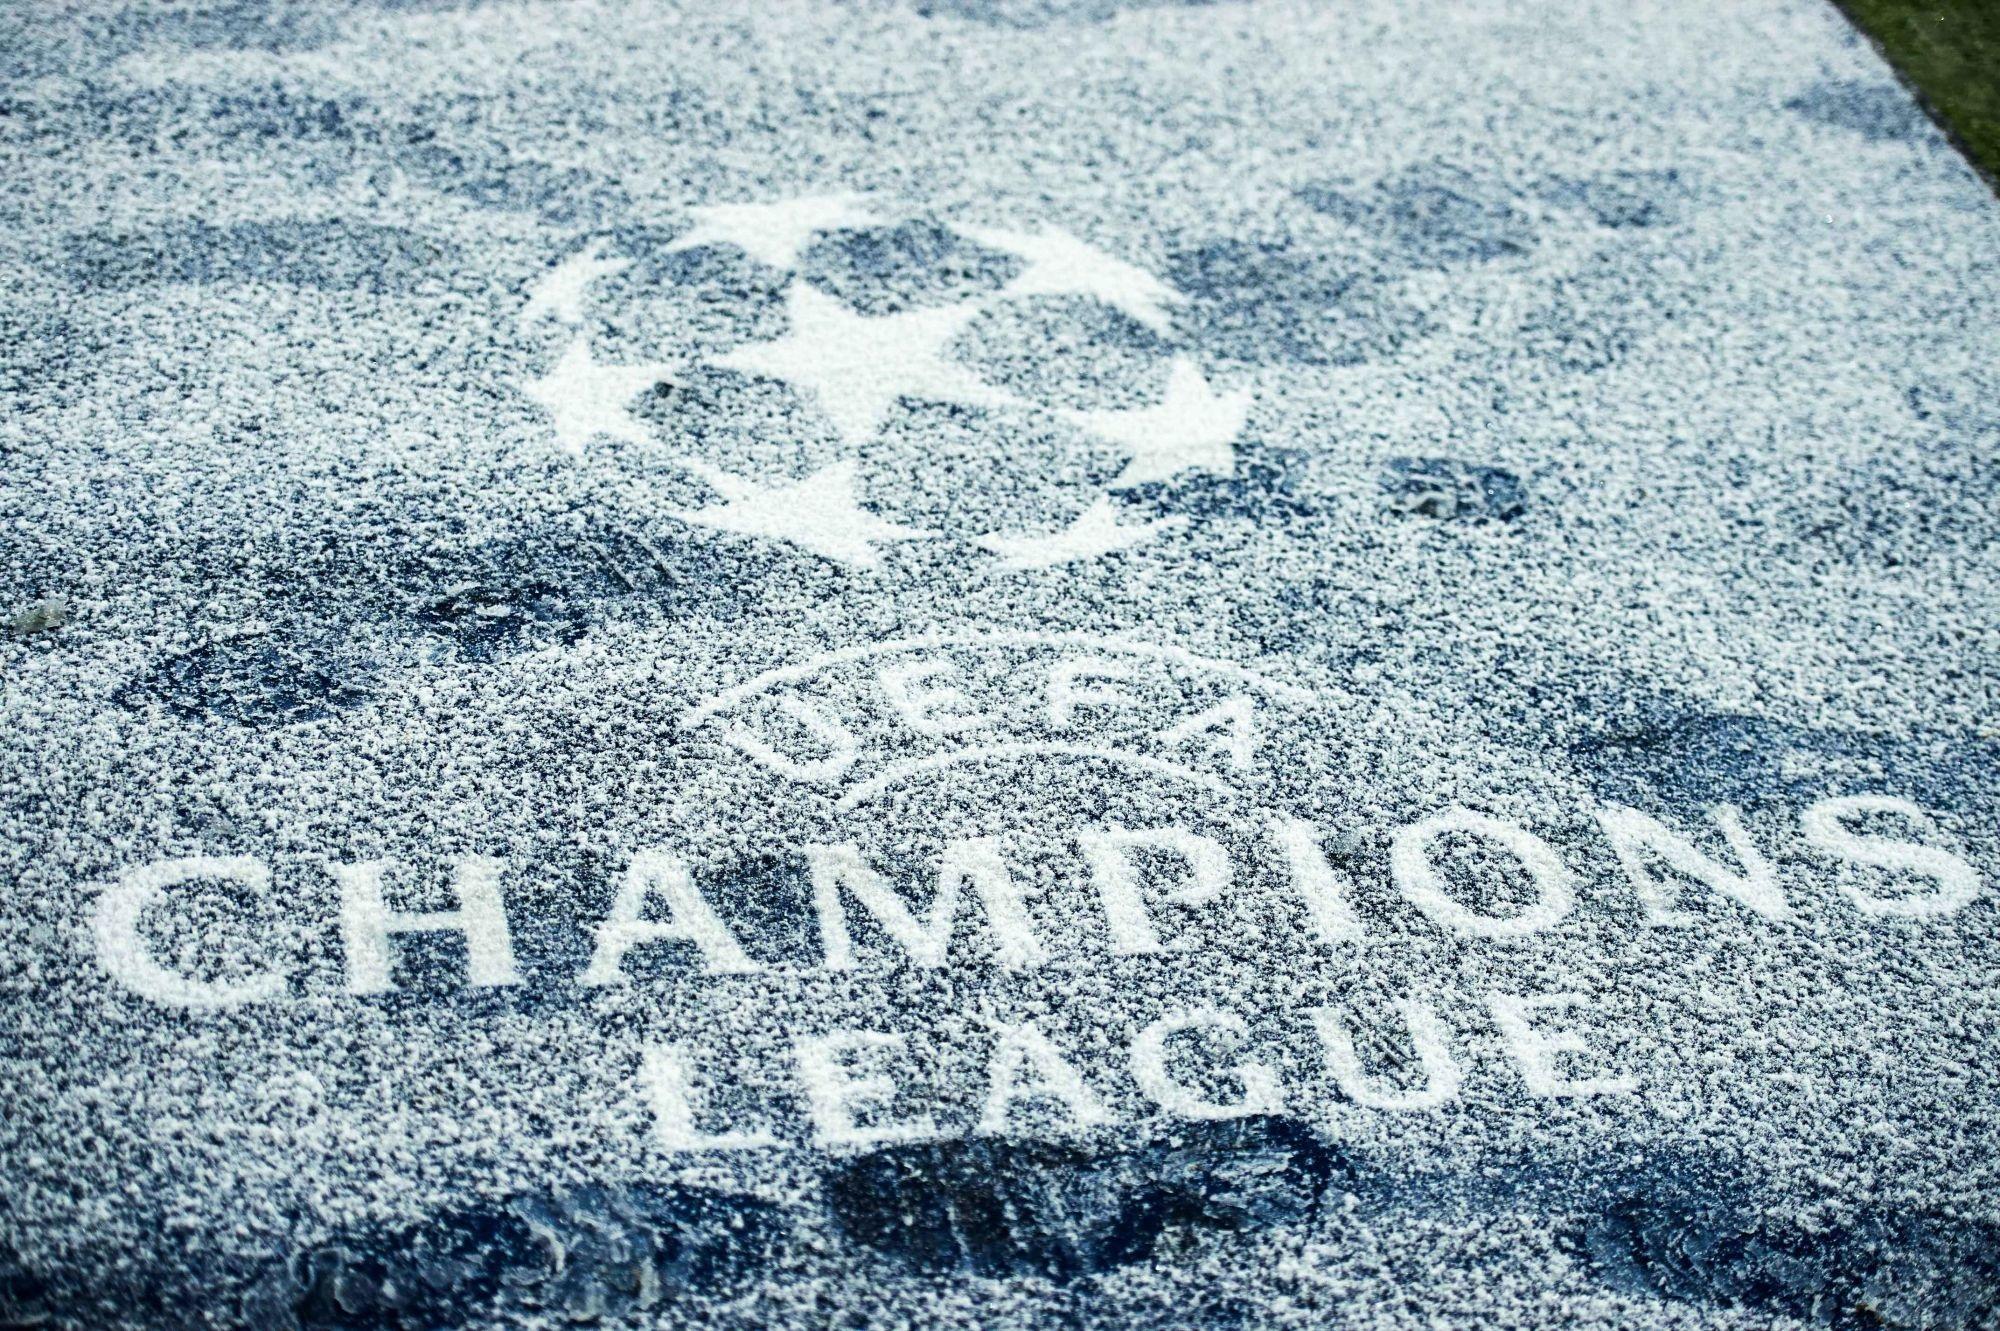 LDC - 36 équipes, championnat, 16es de finale, protection, RMC Sport évoque la réforme